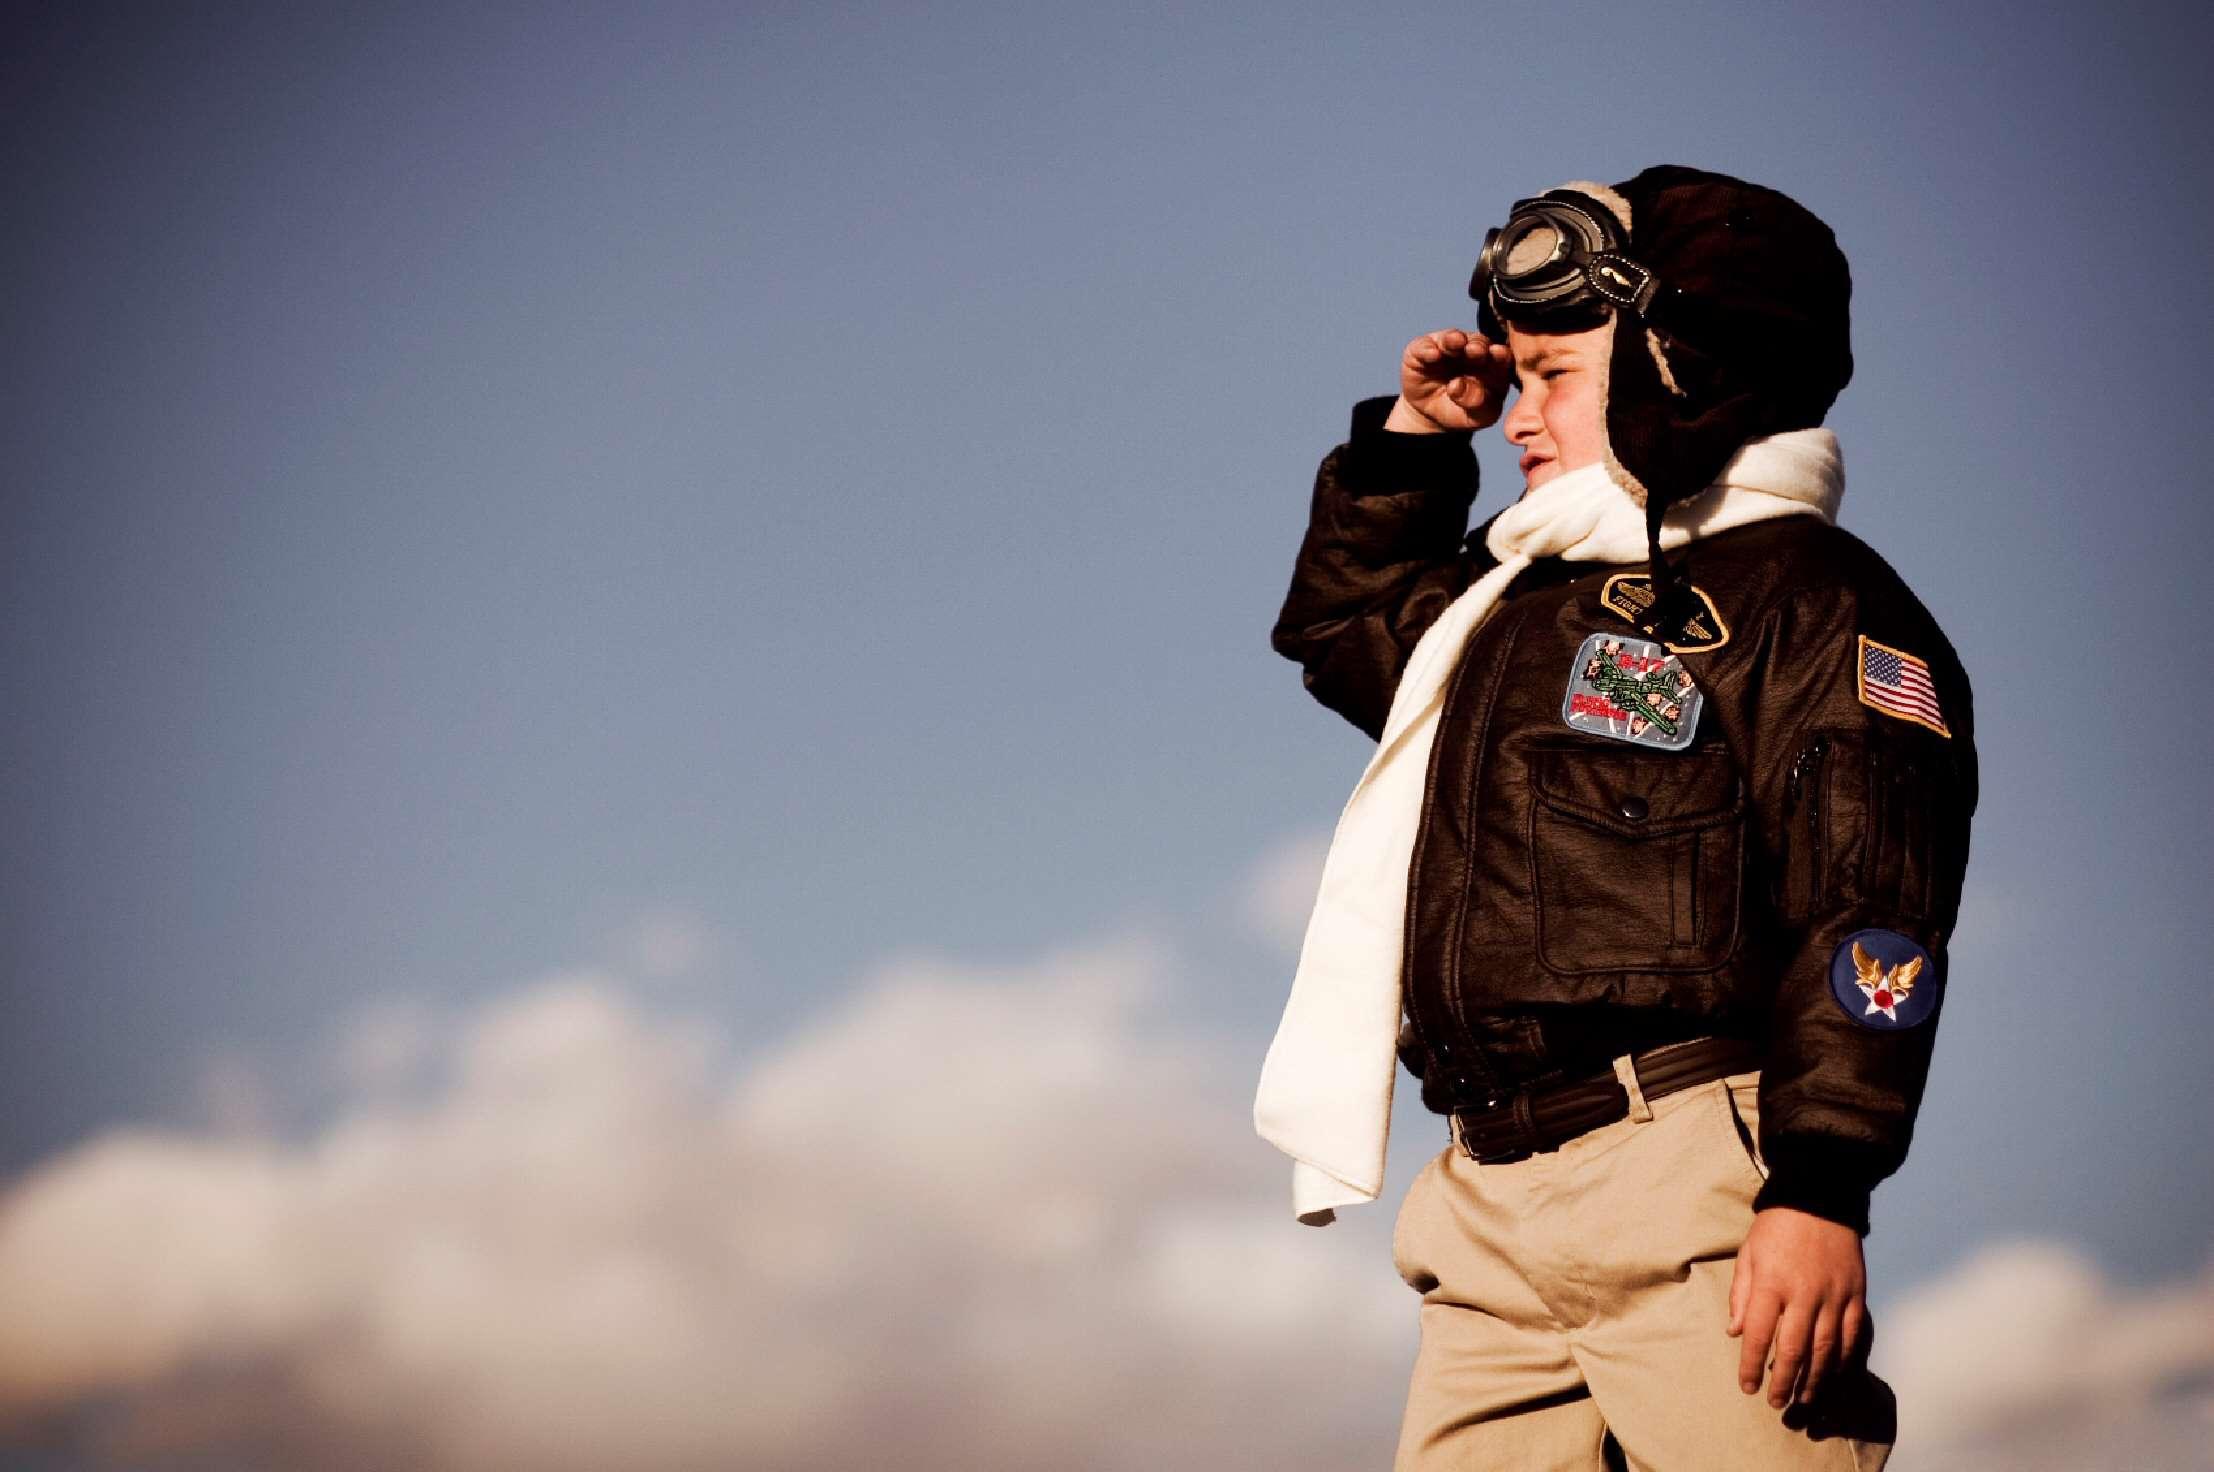 کودک شجاع در کابین خلبان